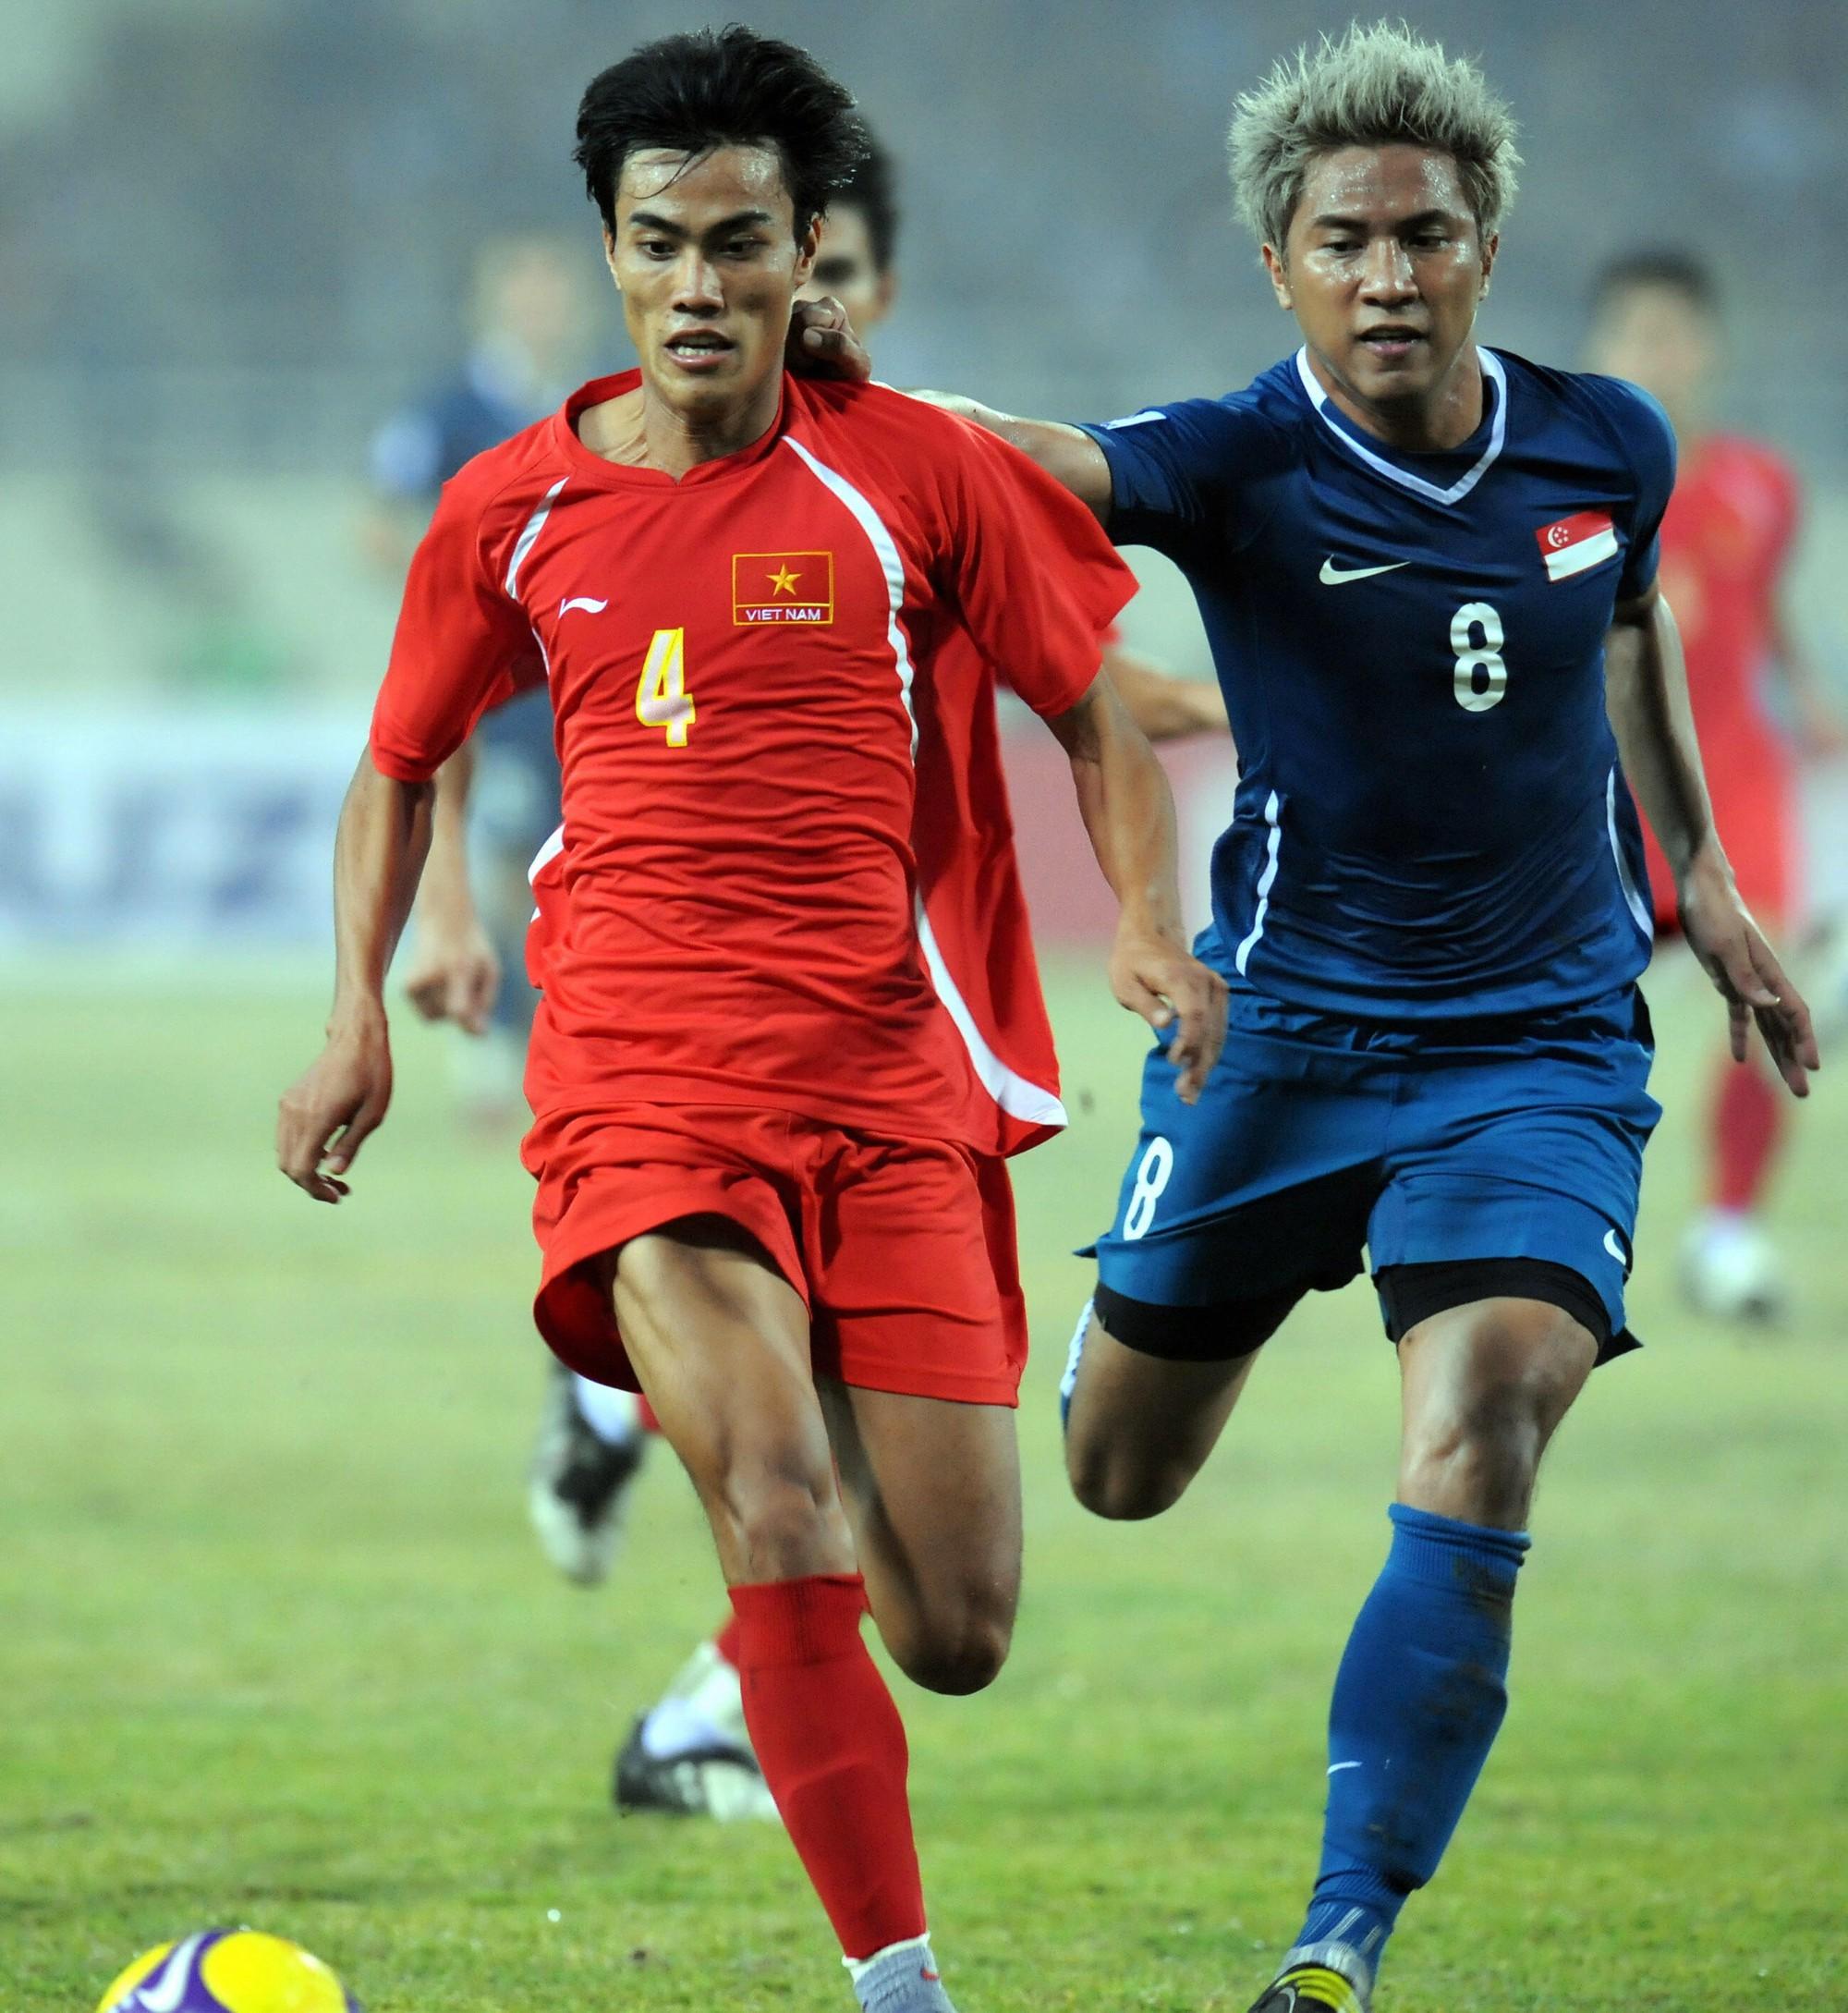 Đội hình tuyển Việt Nam vô địch AFF Cup 2008 giờ đang ở đâu? - Ảnh 5.